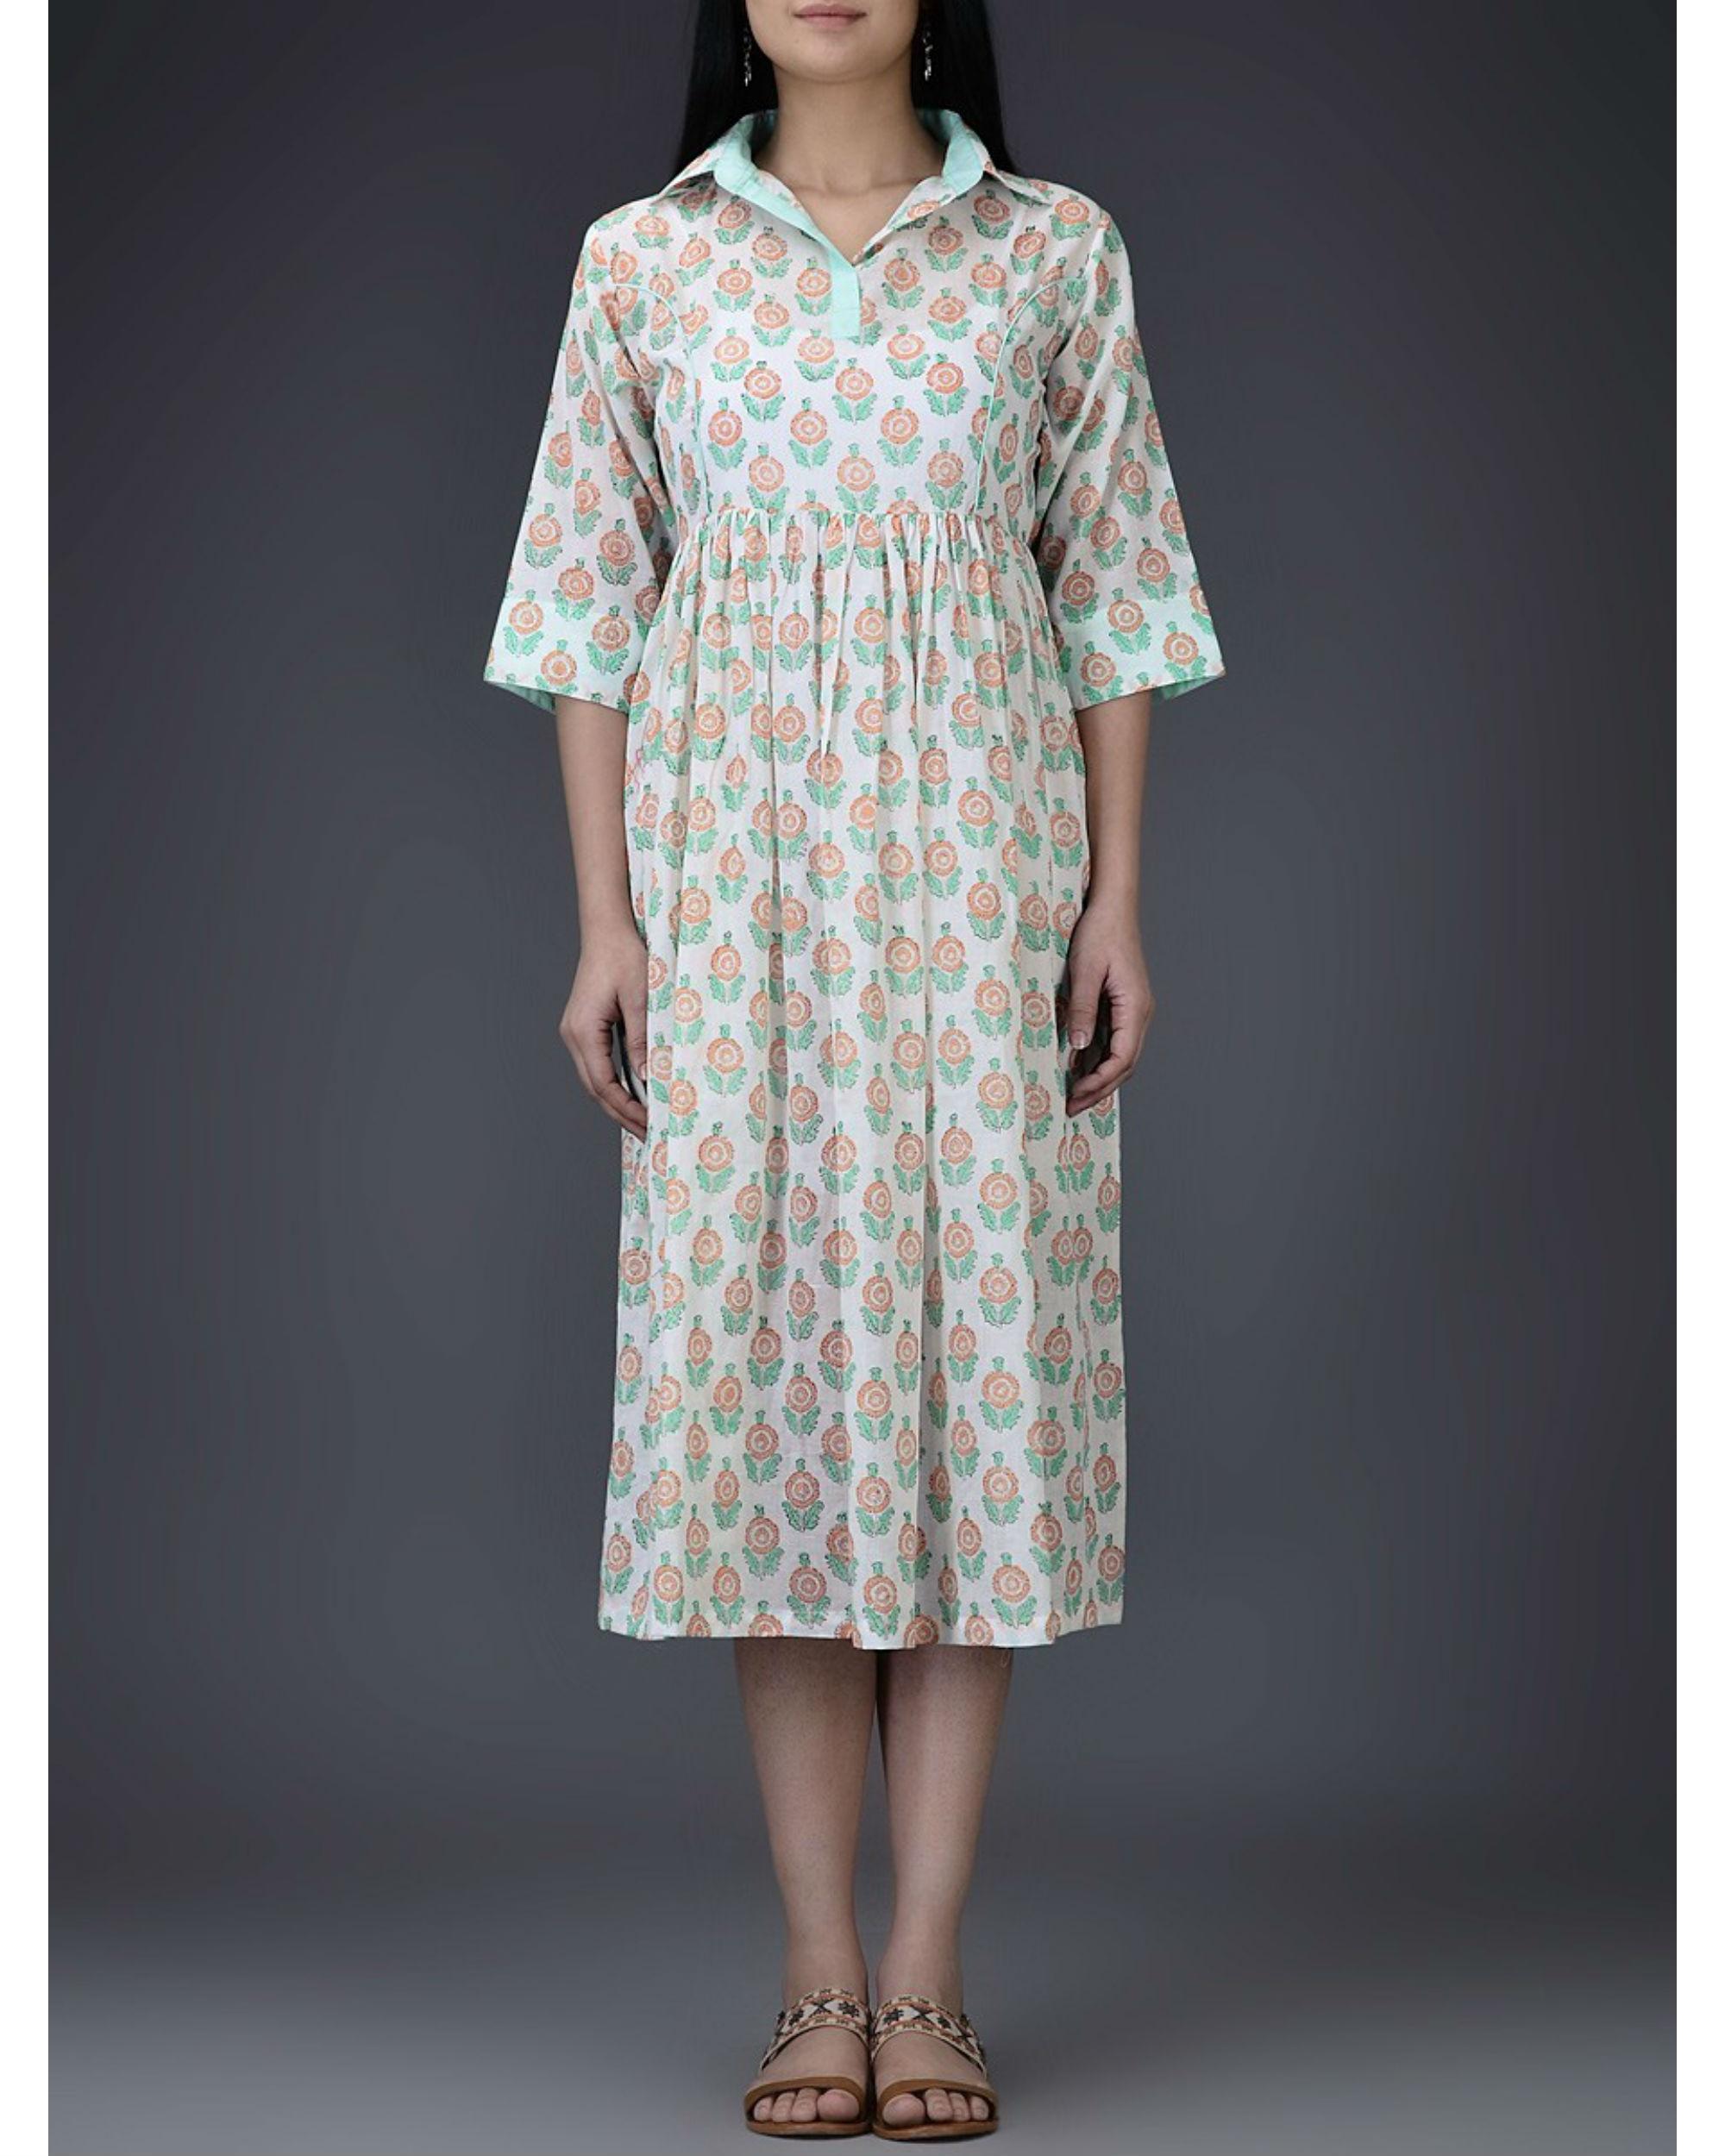 Turquoise gathered dress